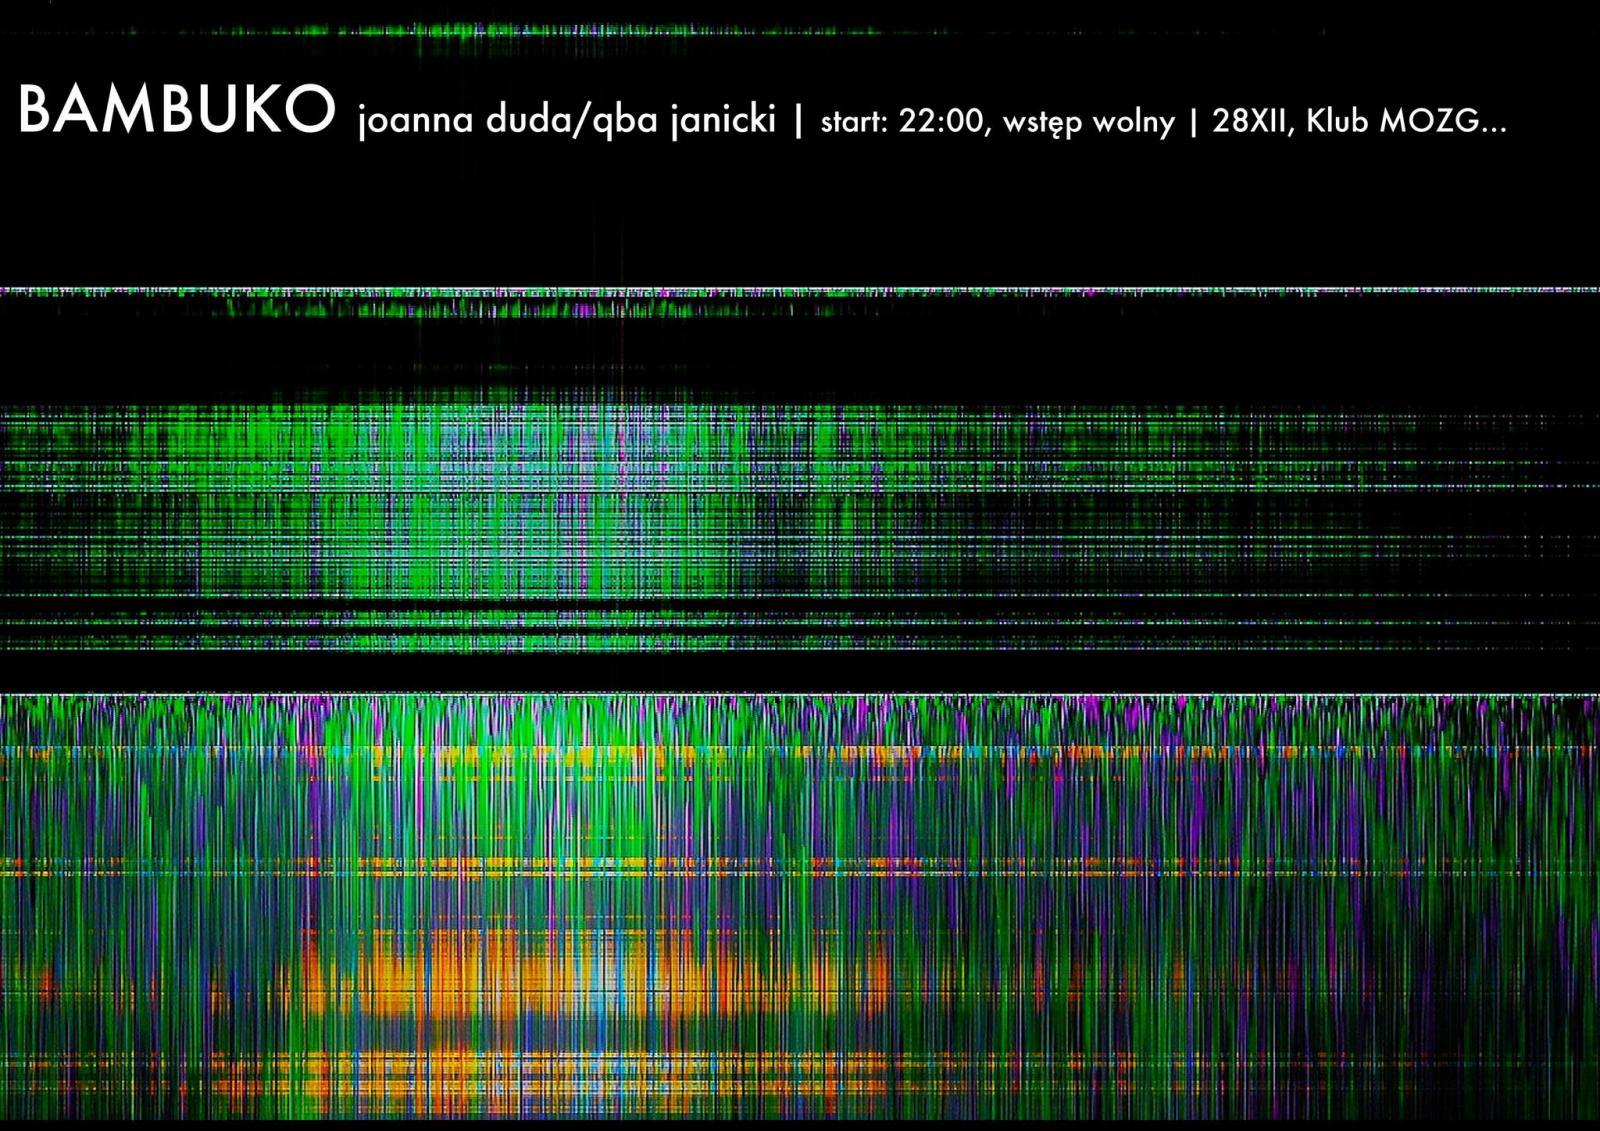 BAMBUKO (Joanna Duda/Qba Janicki) - koncert